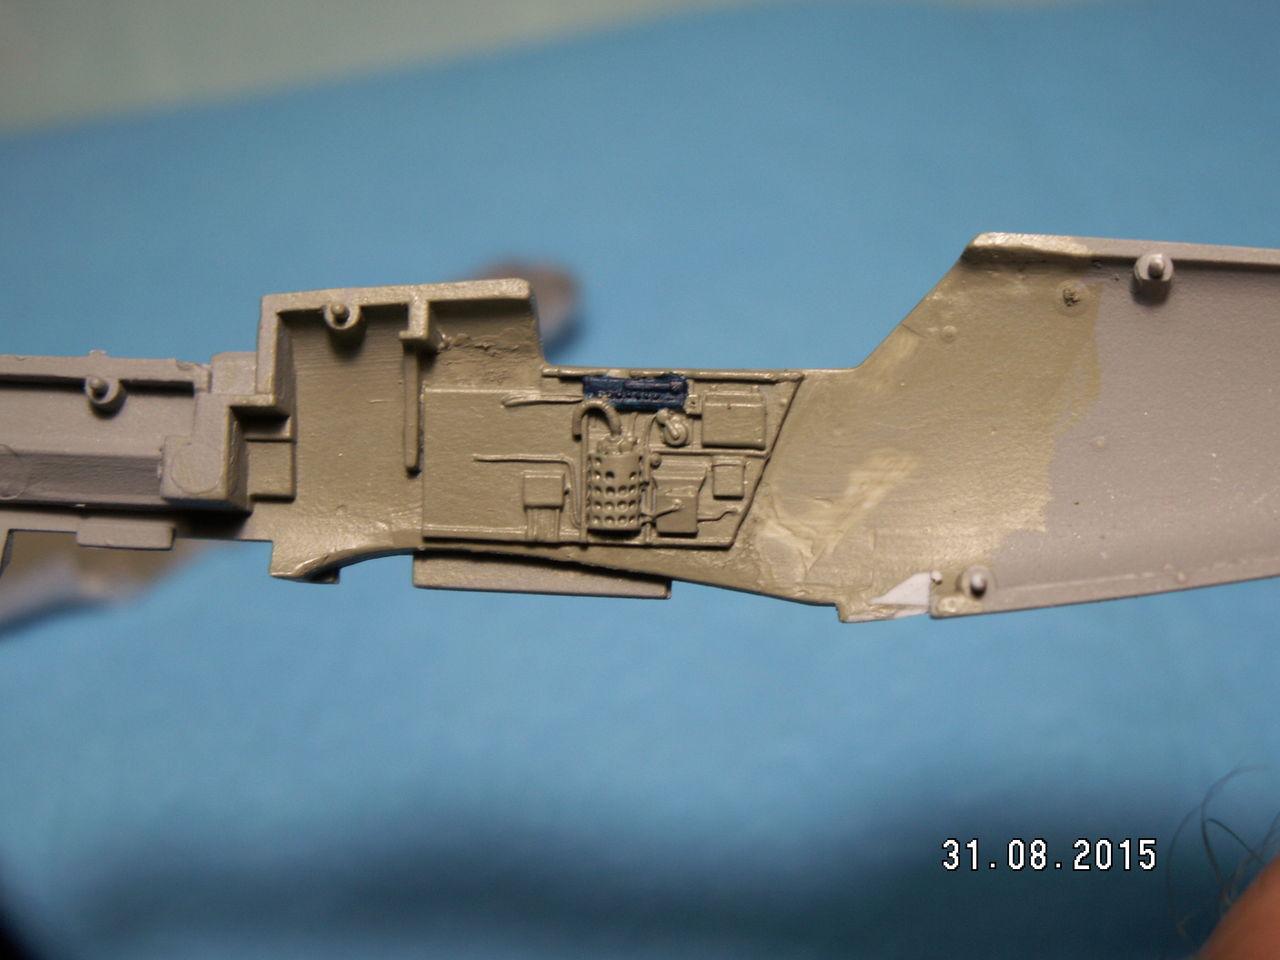 Messerschmitt Bf 109 E-3 / E-4 arfix PICT0073